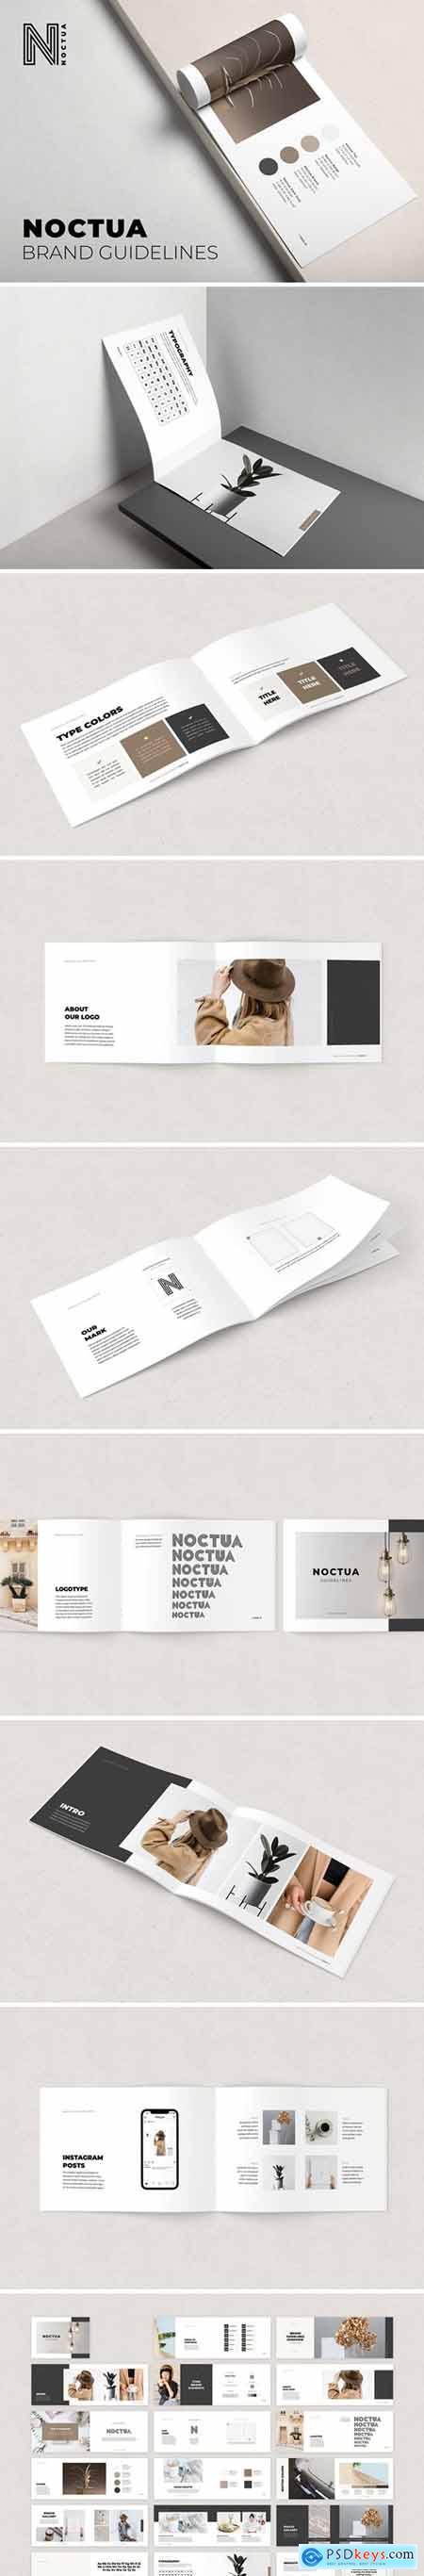 Noctua Brand Guidelines